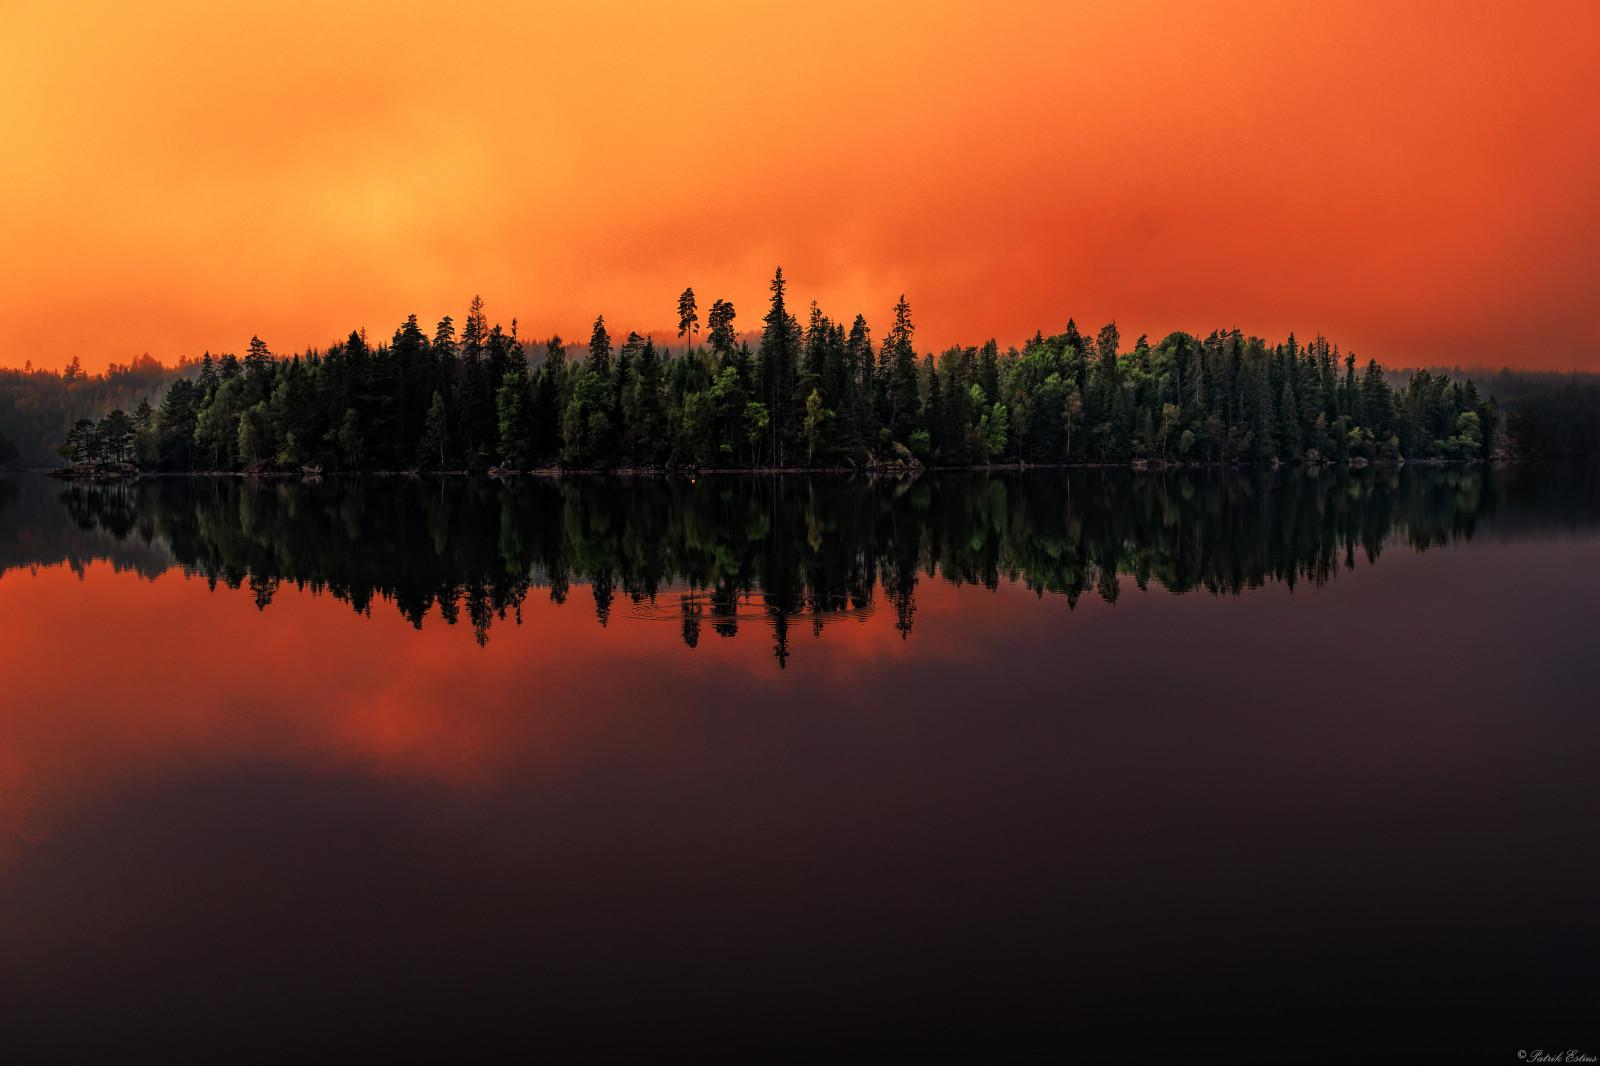 hintergrundbilder sonnenlicht landschaft wald sonnenuntergang natur rot betrachtung. Black Bedroom Furniture Sets. Home Design Ideas